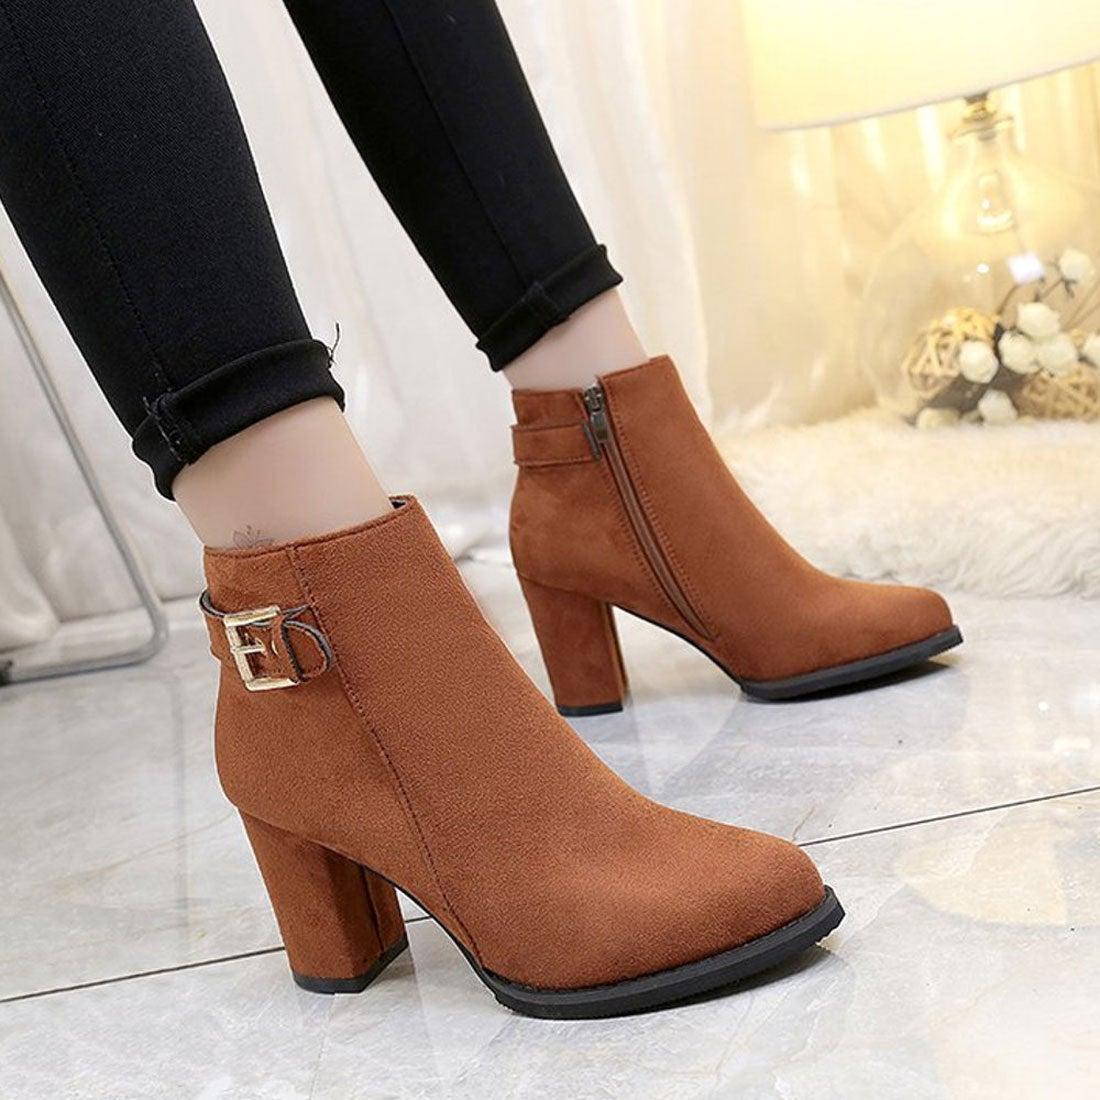 ロコンド 靴とファッションの通販サイトヒルズスタイル hills style ショートブーツ (ブラウン)